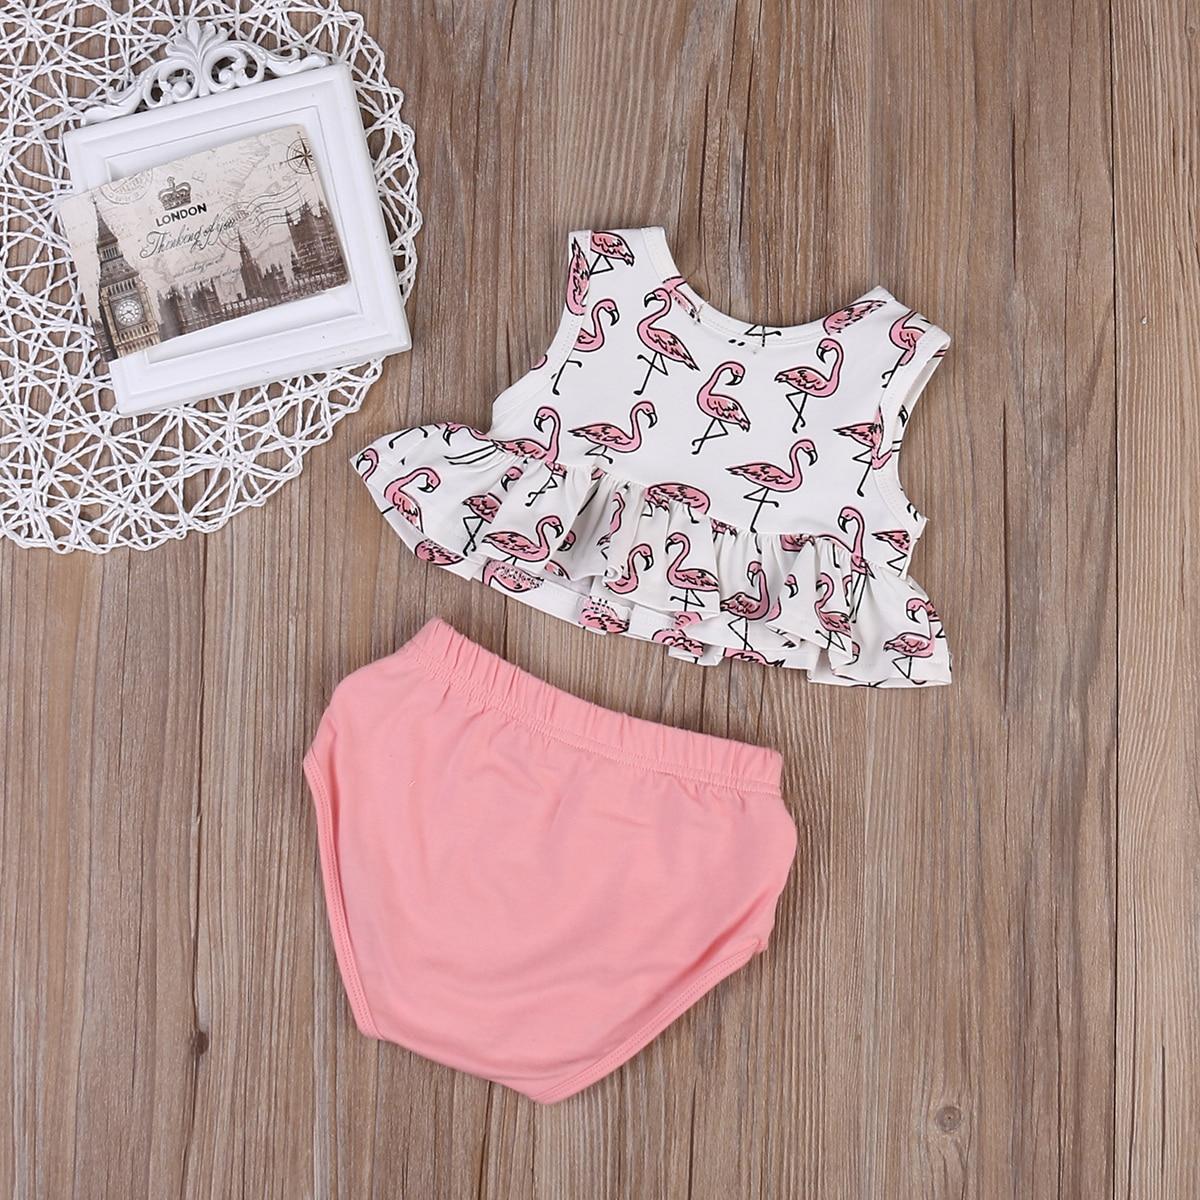 2PCS-Set-Cute-Newborn-Infant-Baby-Girl-Clothes-2017-Summer-Sleeveless-Tank-Tops-Ruffles-T-shirt-Bloomer-Bottoms-Outifts-Sunsuit-5